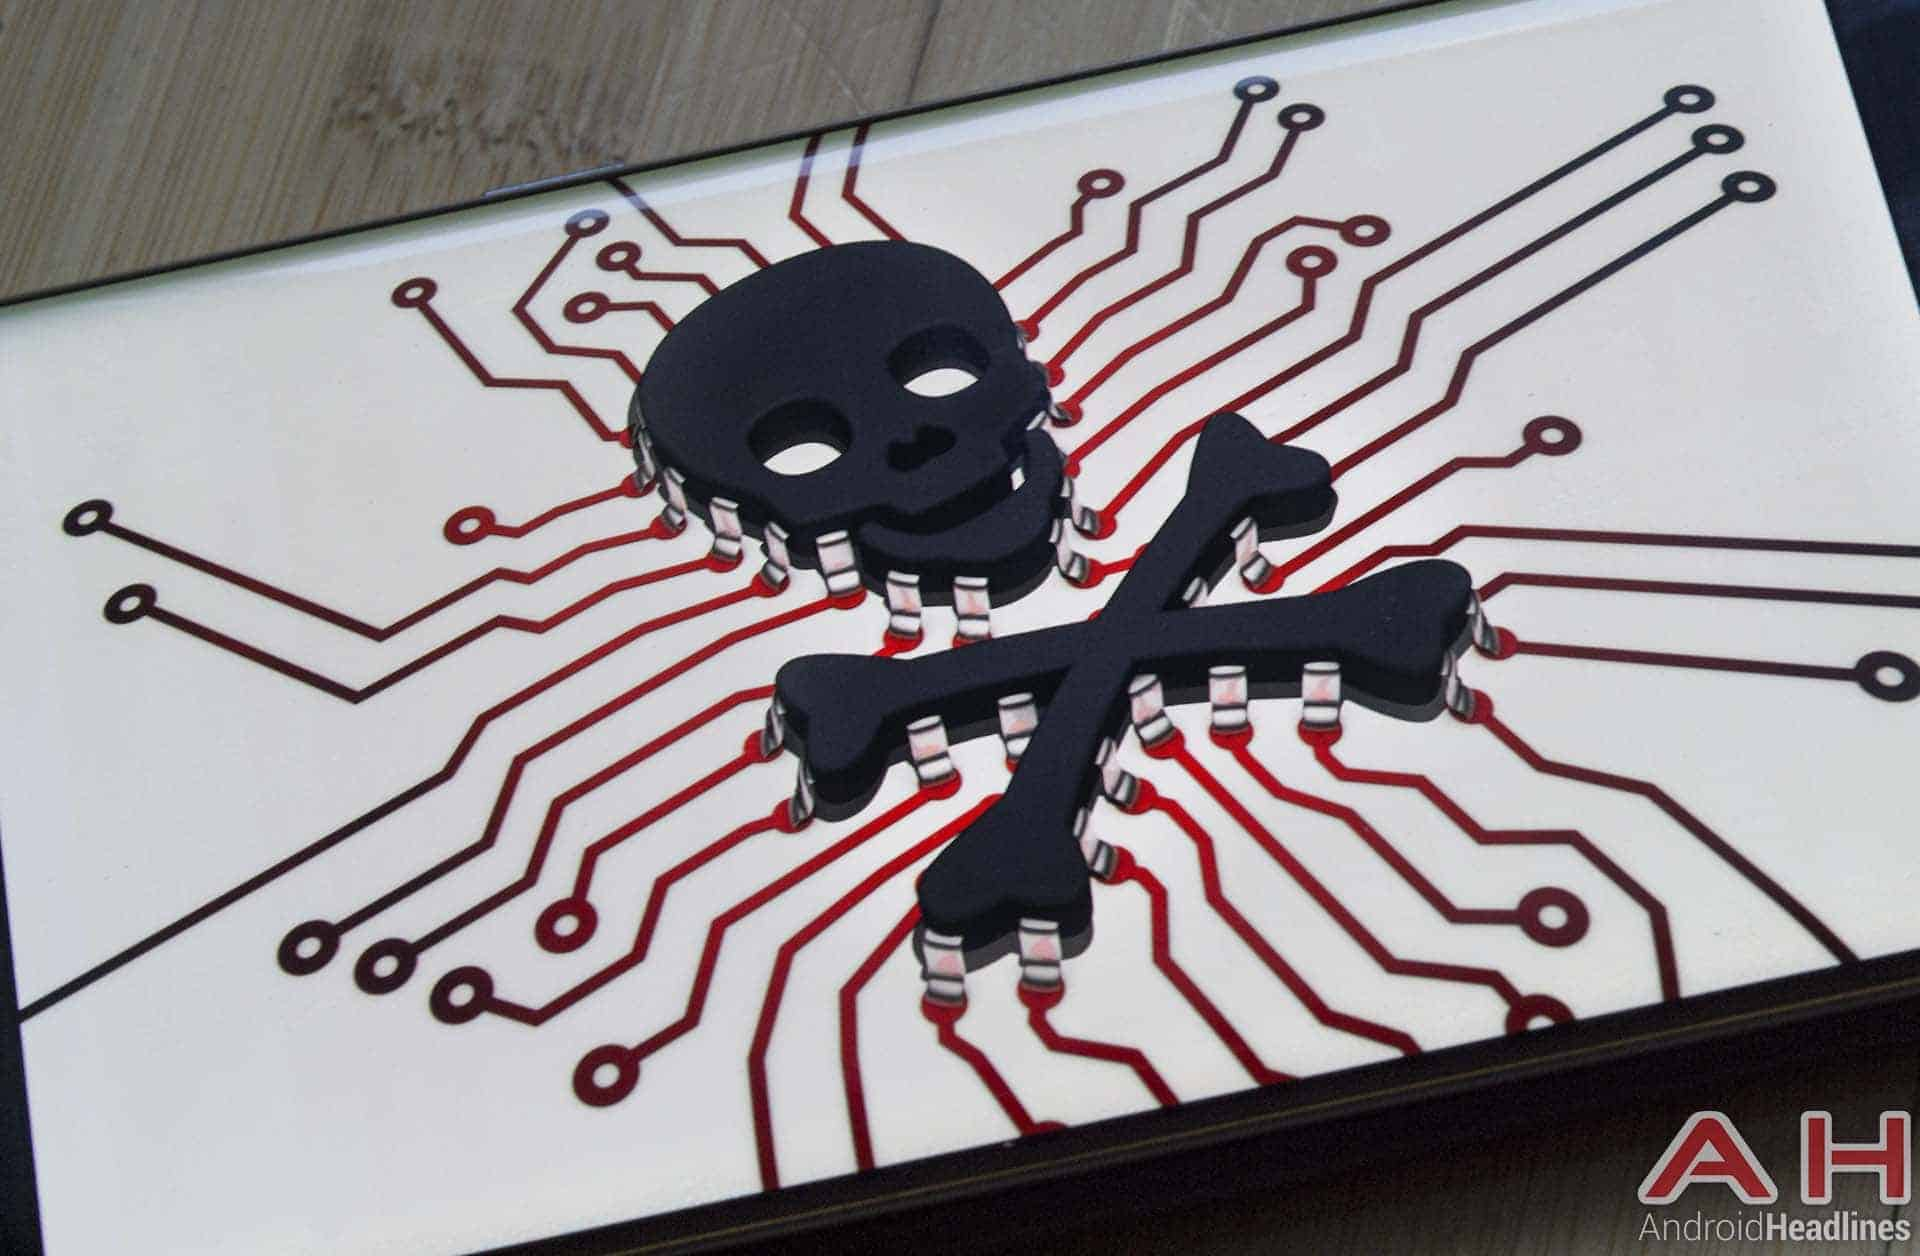 Piracy Virus Malware Threat Hacking AH